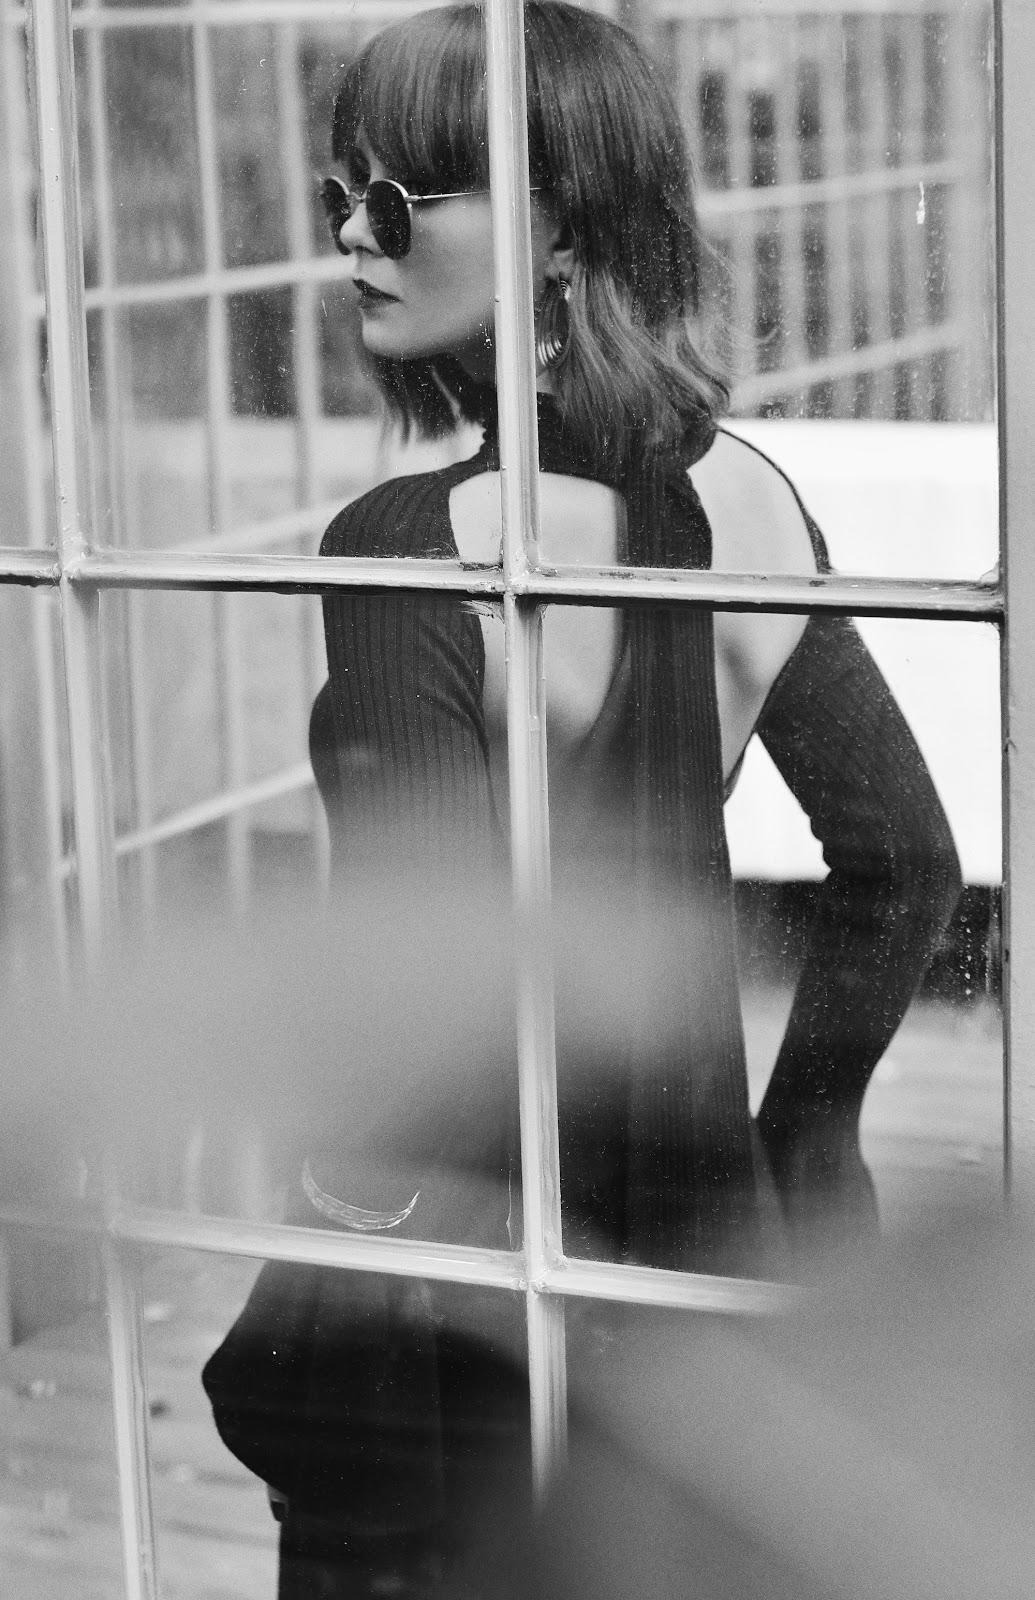 zdjecie w starym stylu | blogerka modowa | tajemnicza kobieta